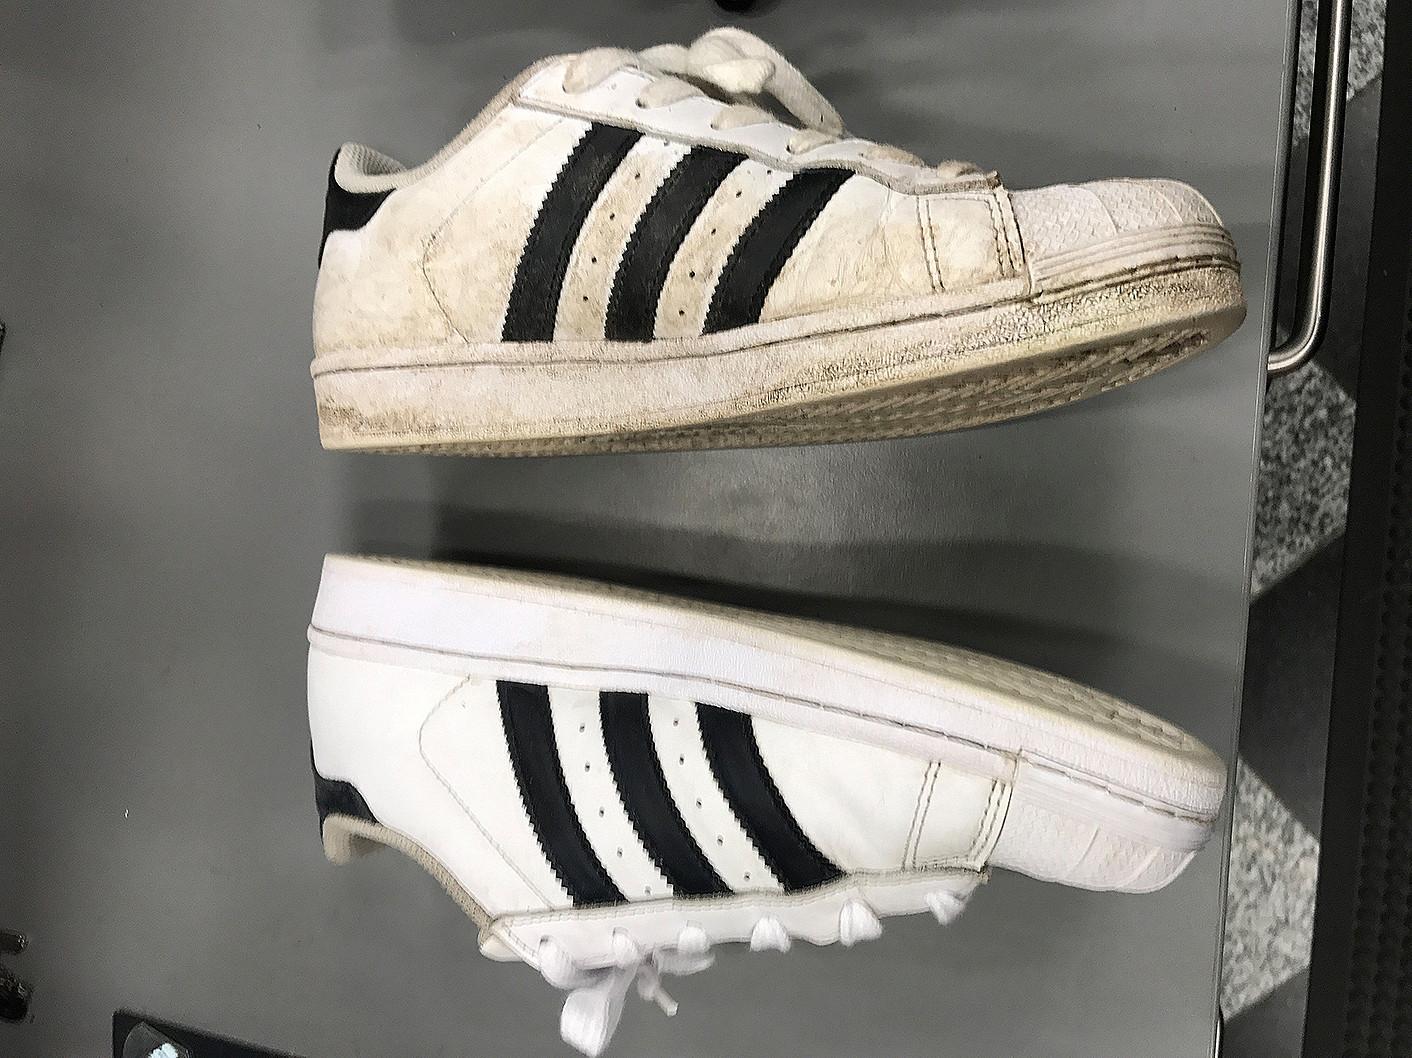 sneakers2-gallery